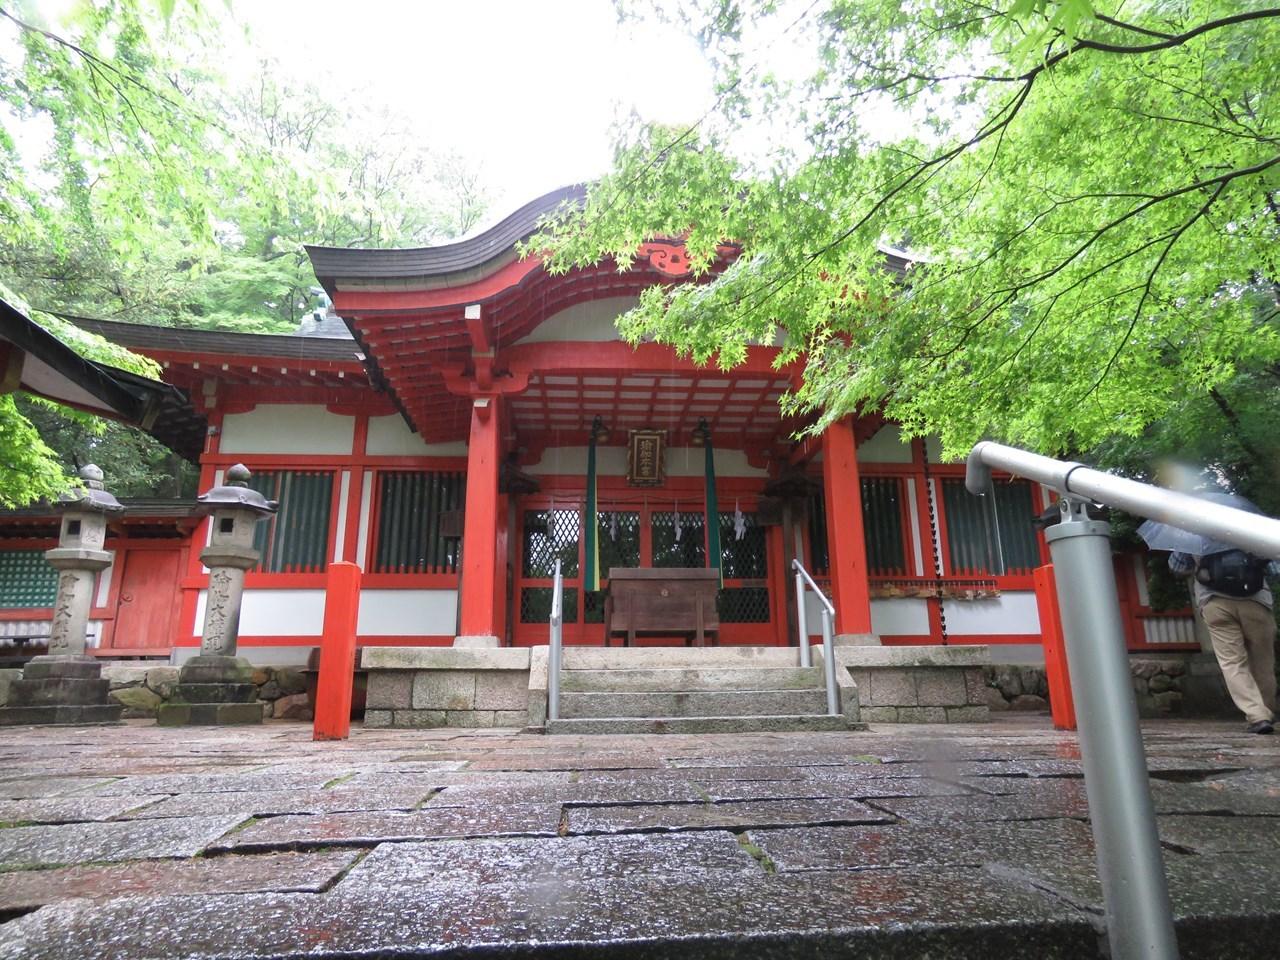 s-瑜伽神社